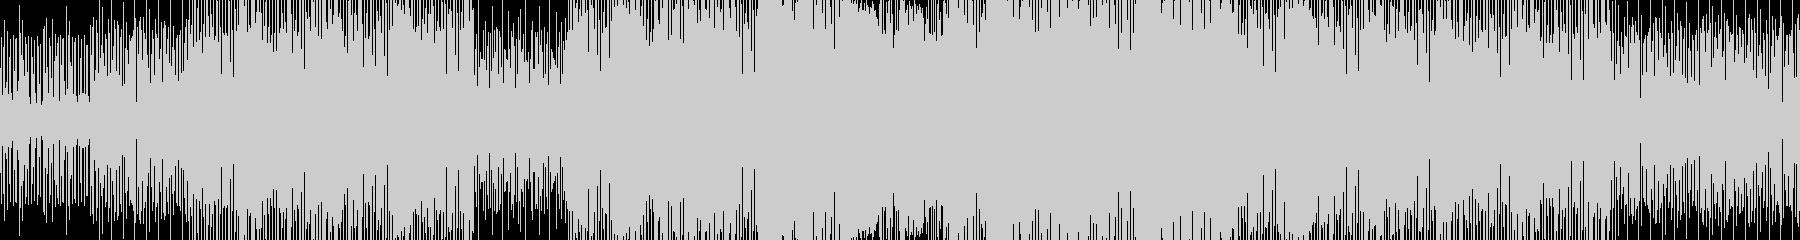 さまざまなサンプルサウンド。の未再生の波形